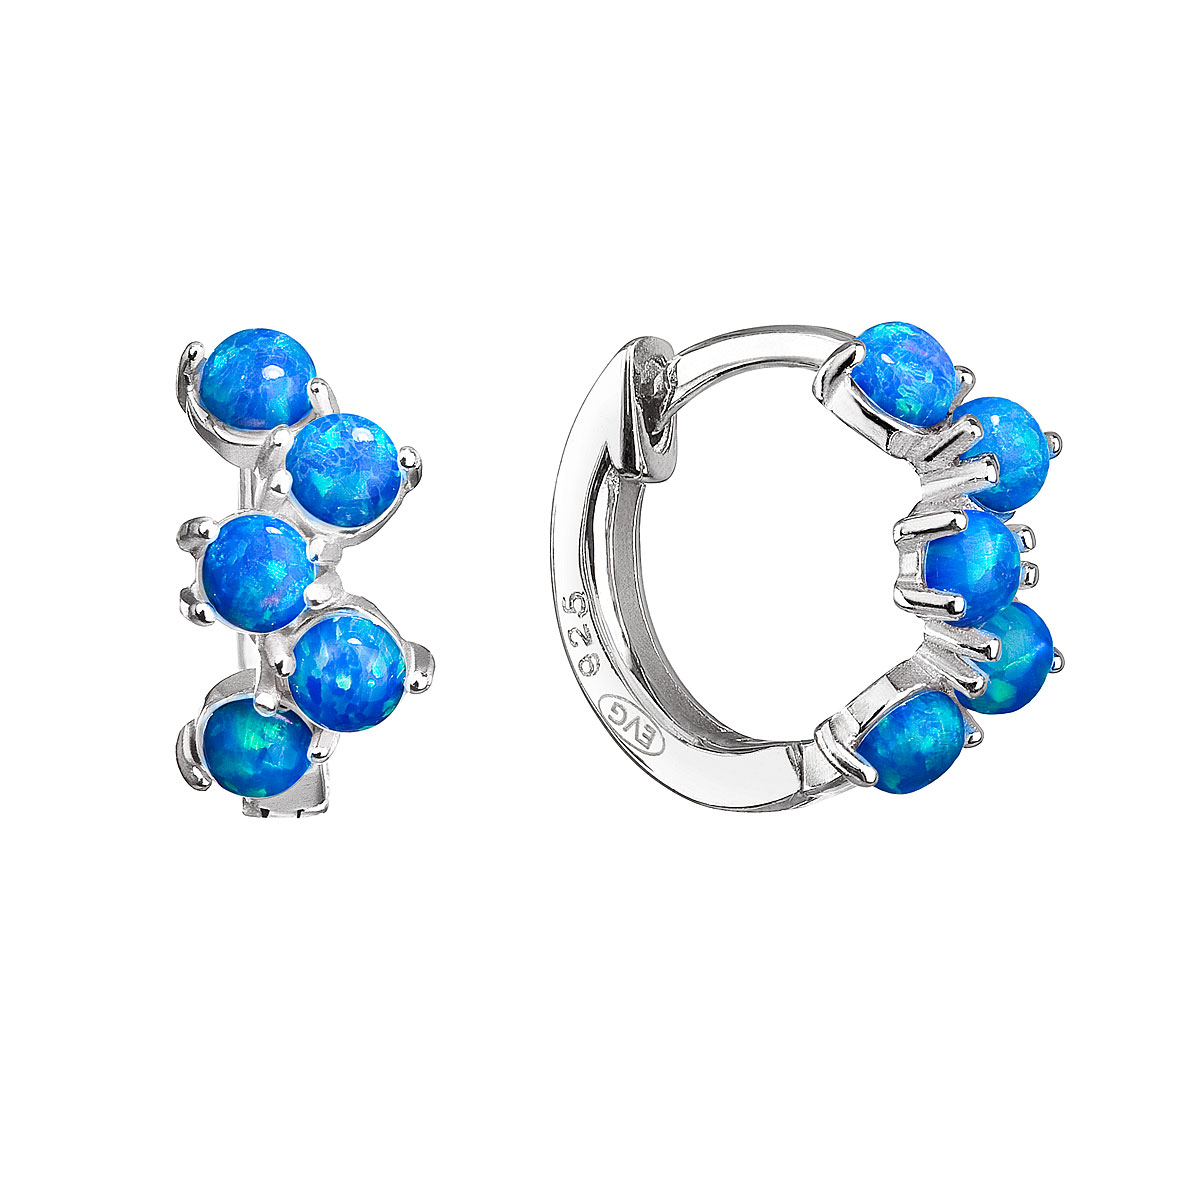 Evolution Group Stříbrné náušnice kruhy se syntetickými opály modré 11339.3